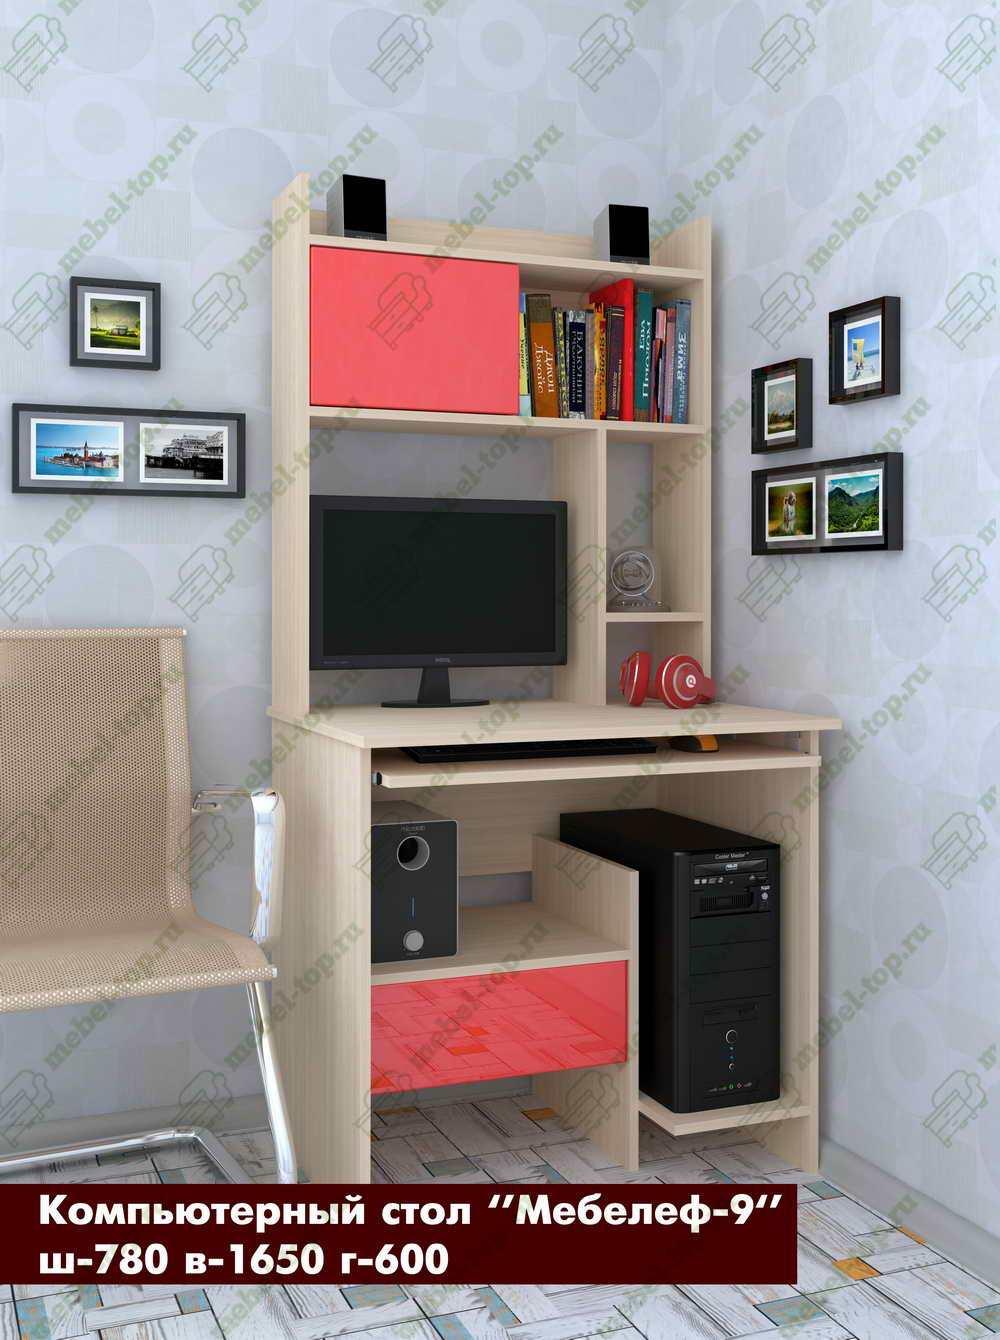 Стол для компьютера Мебелеф 15689387 от mebel-top.ru